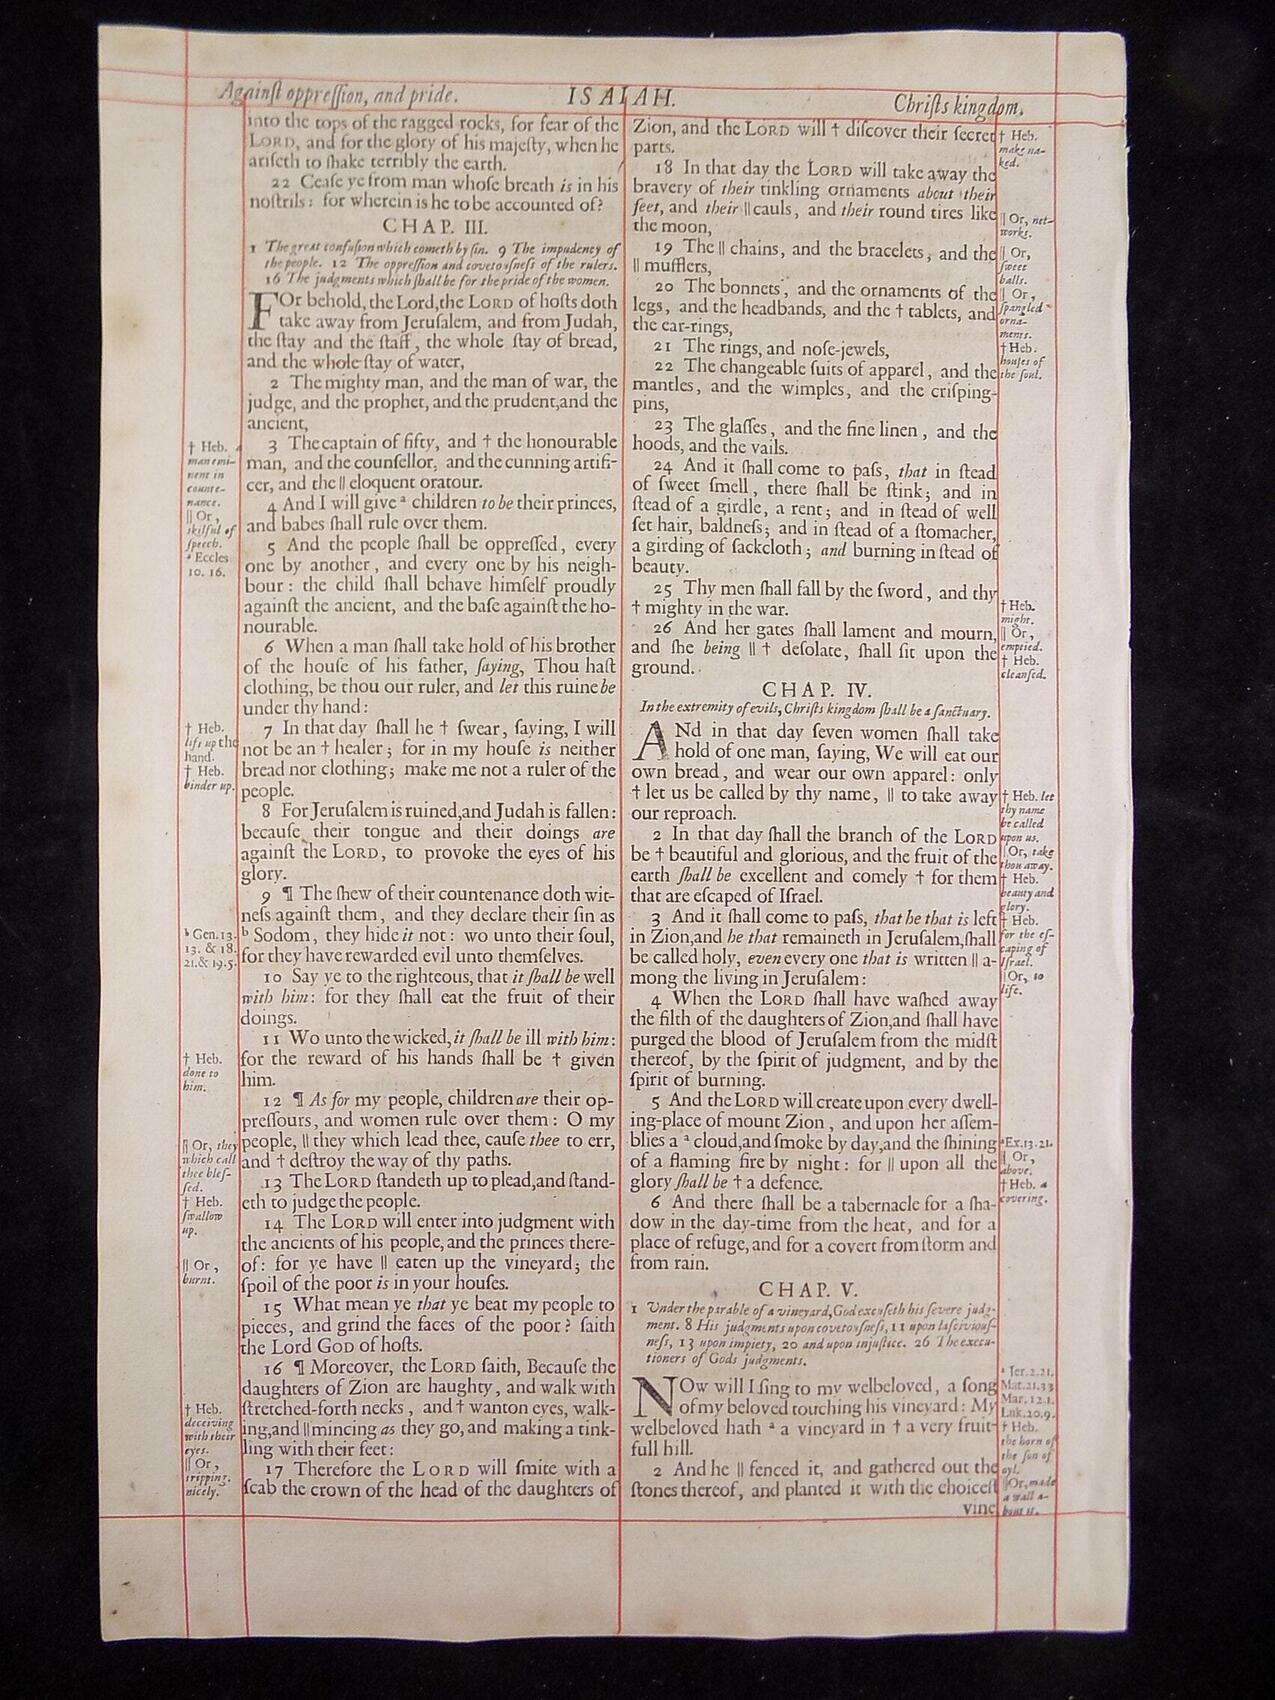 1680 OXFORD KJV ISAIAH LEAVES